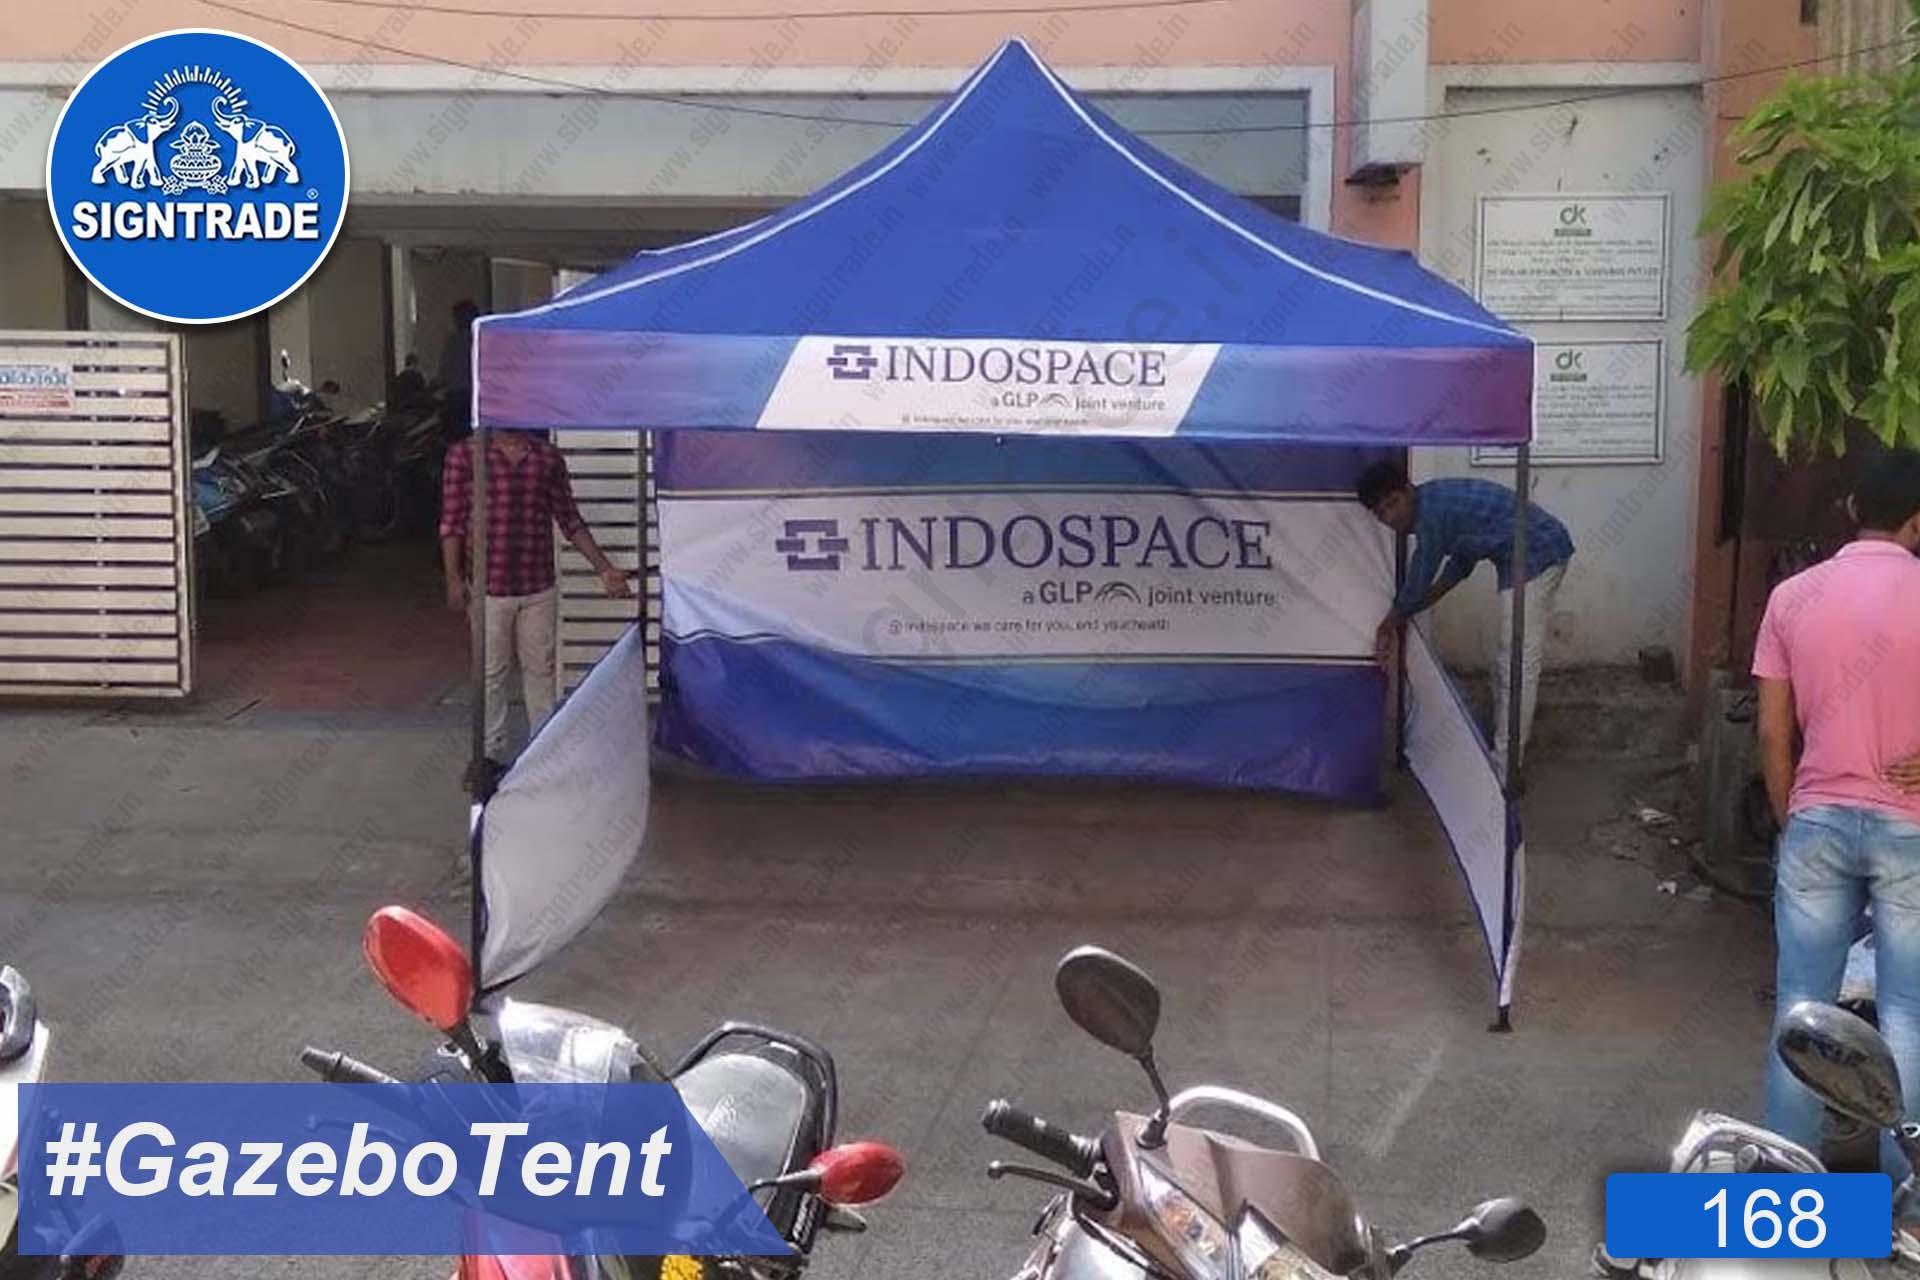 Maha Motors - Gazebo Tent